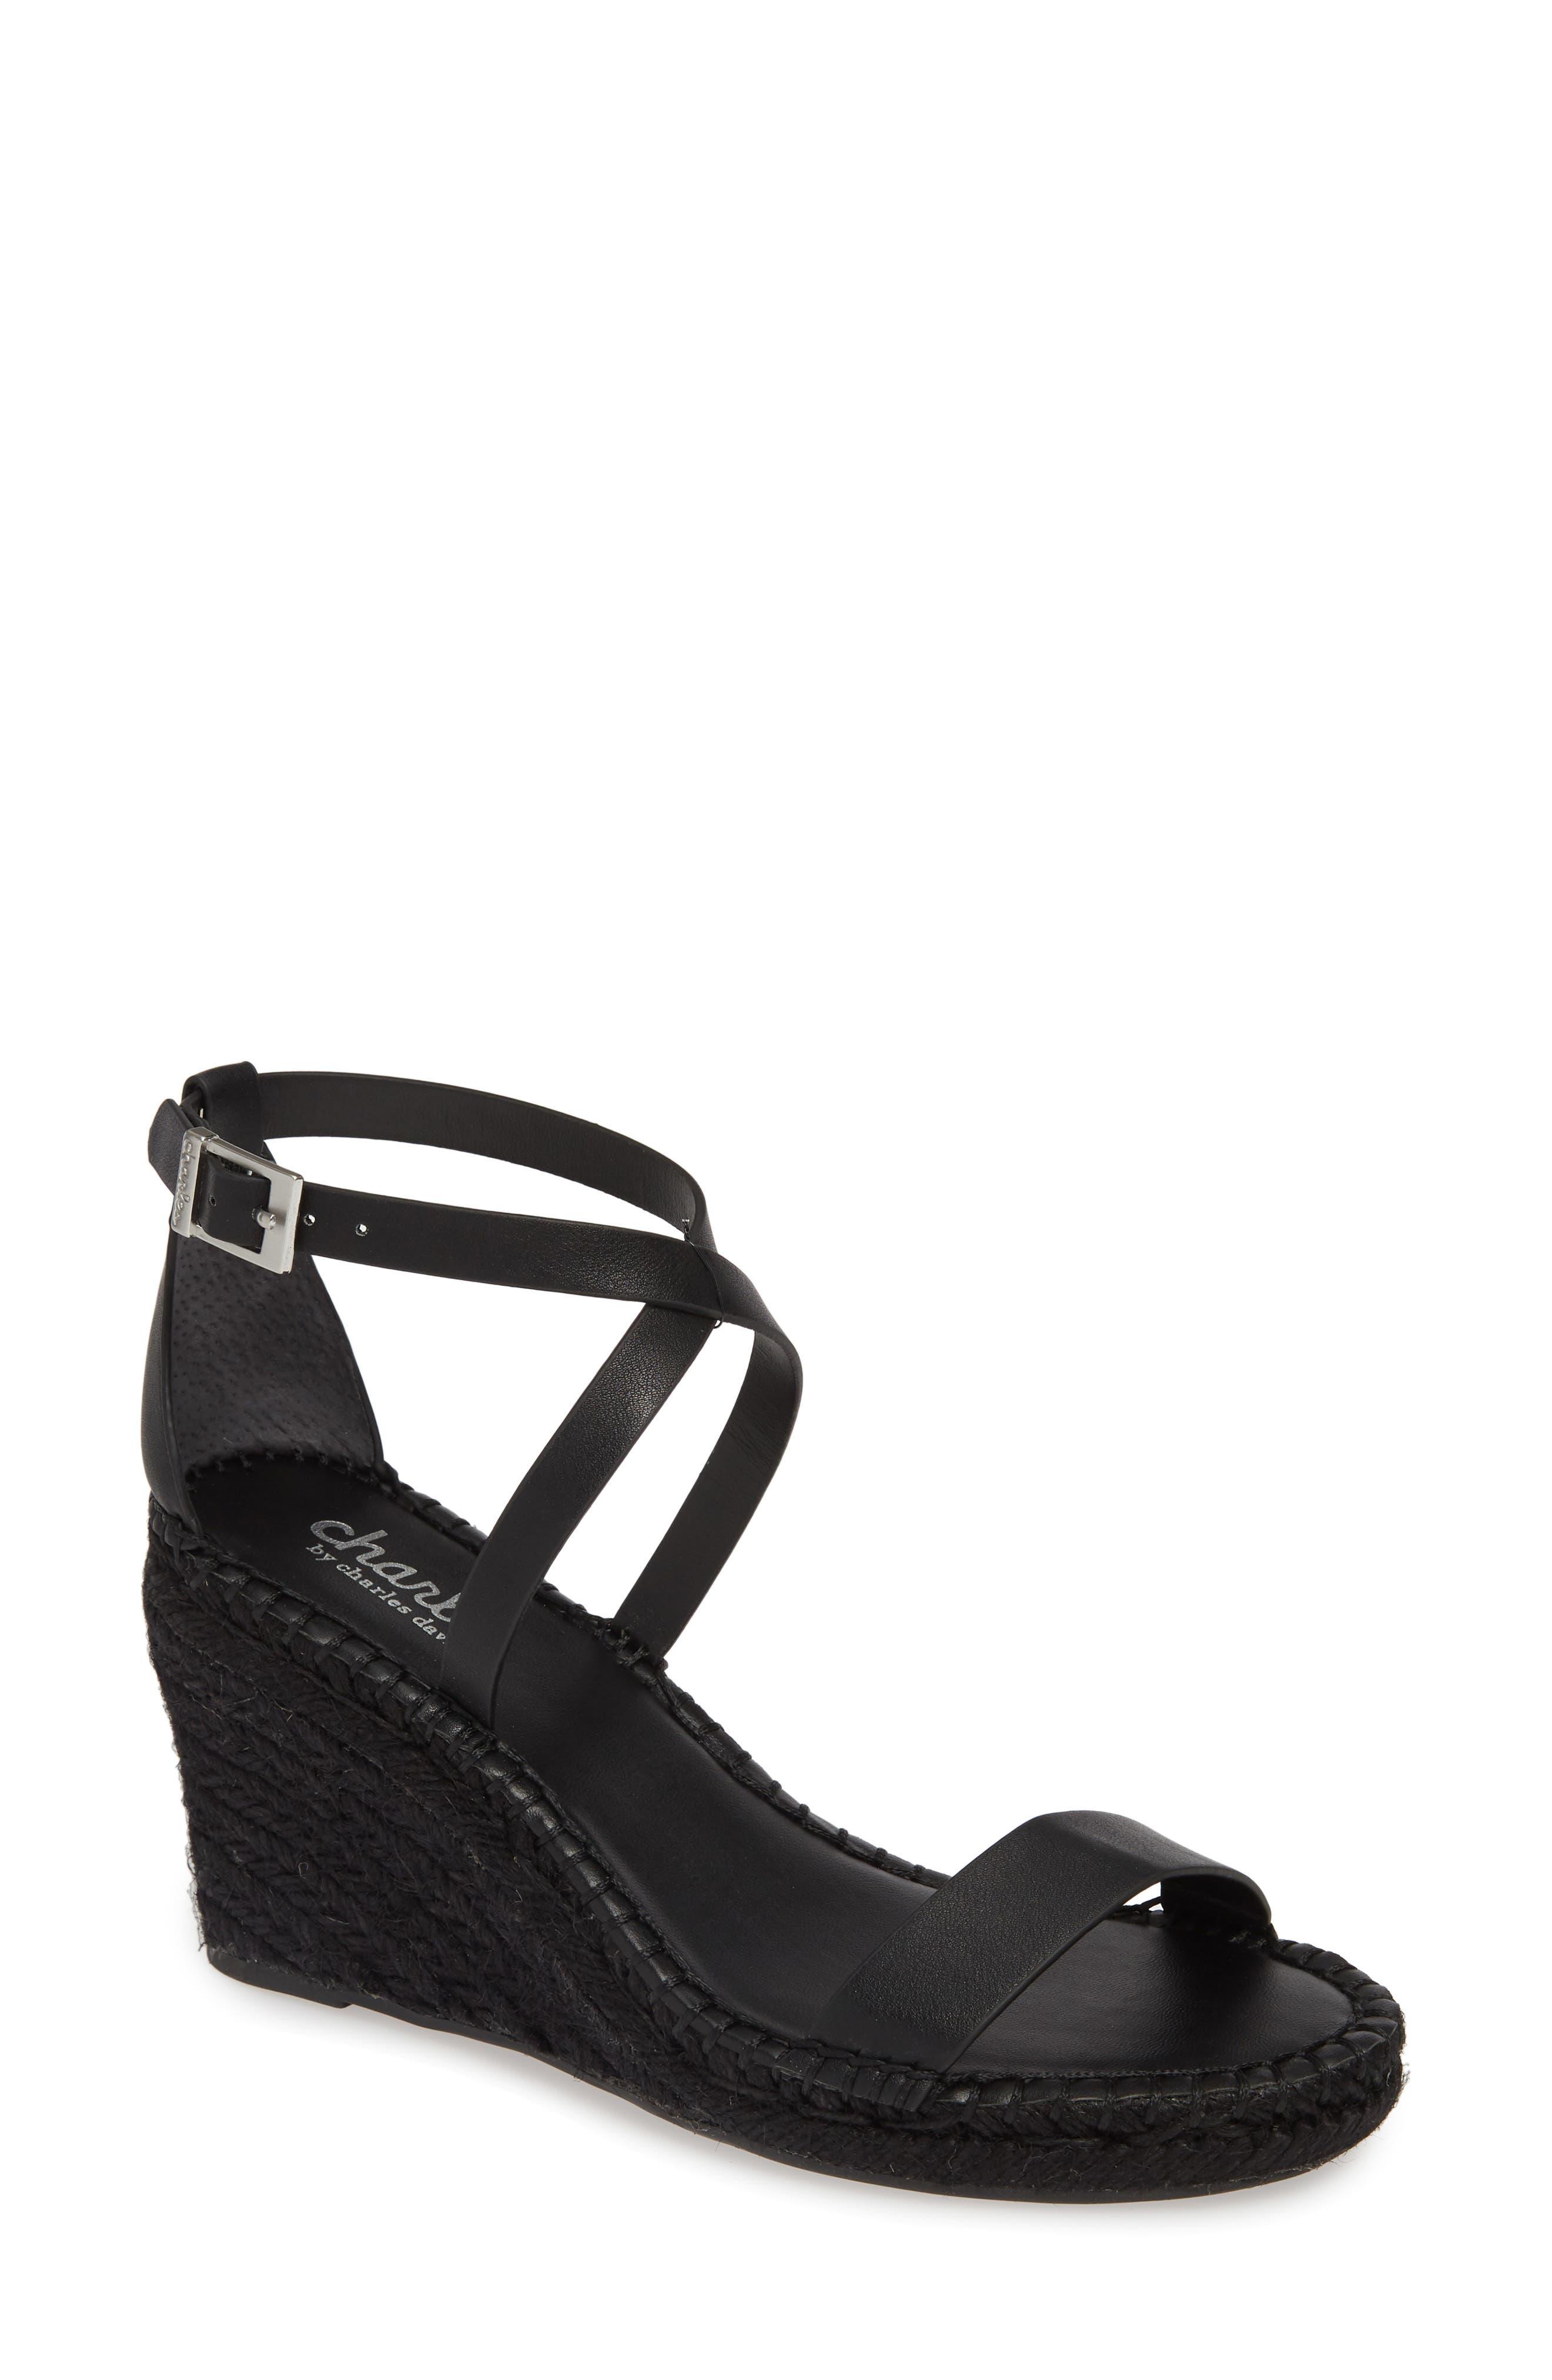 Nola Espadrille Wedge Sandal, Main, color, BLACK FAUX LEATHER